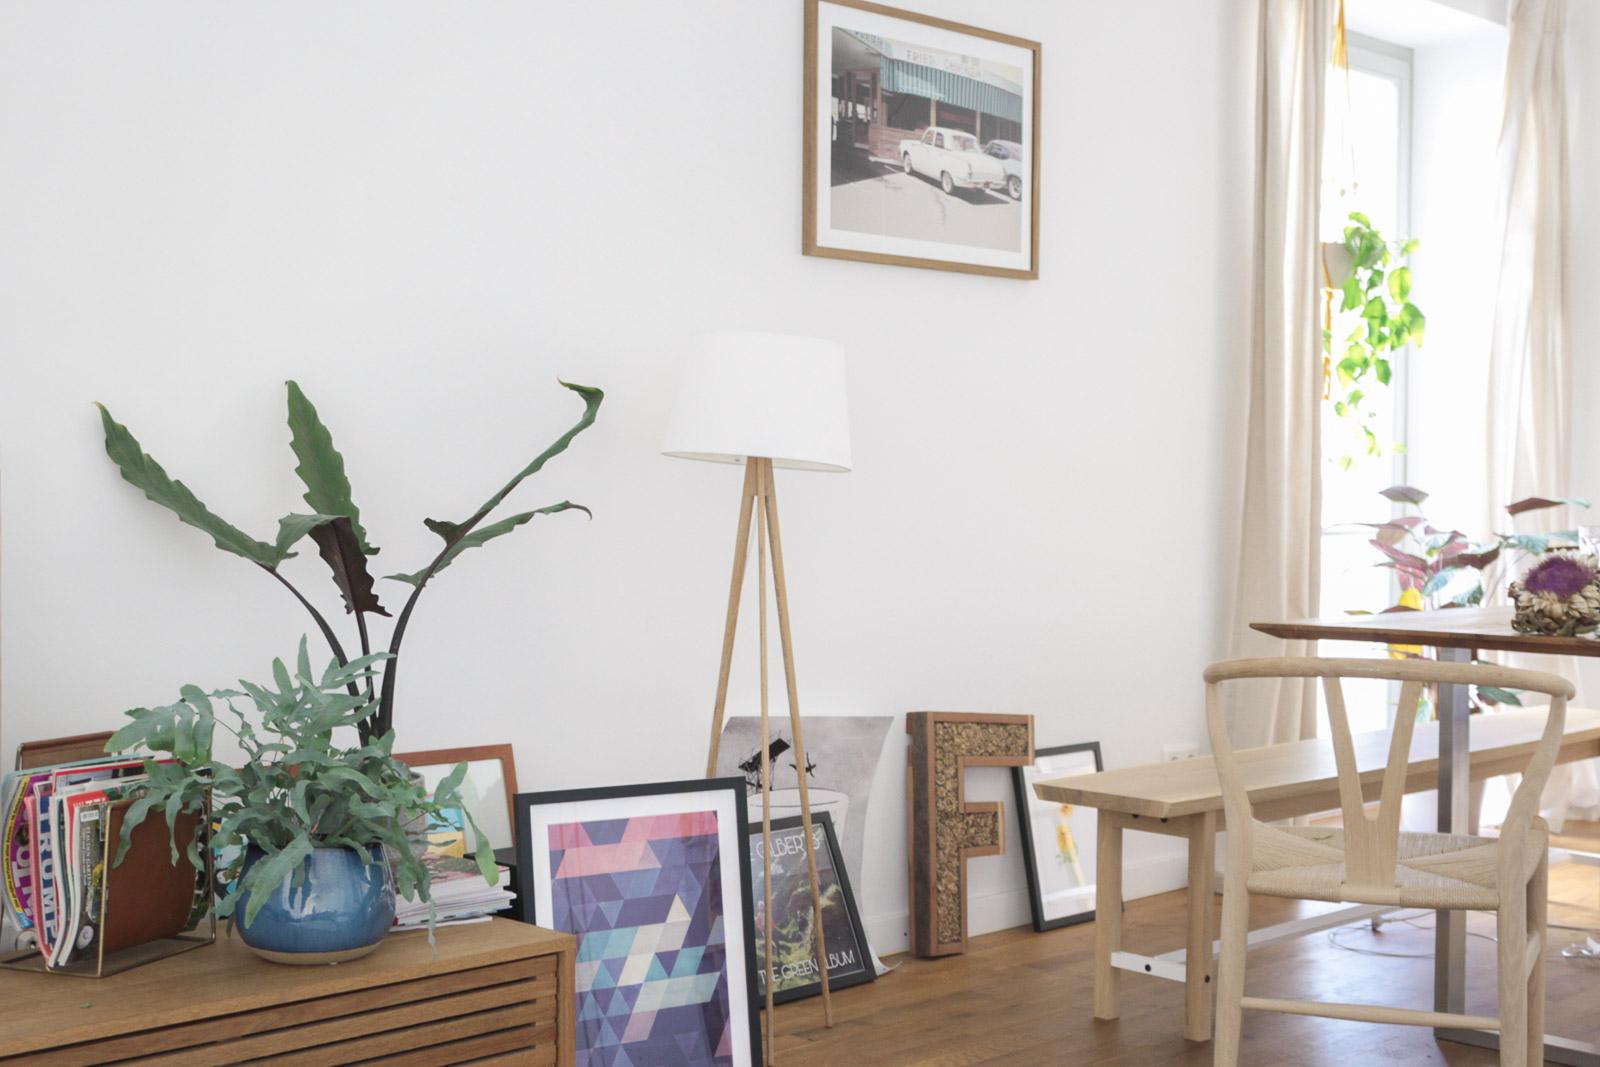 zimmerpflanzen fr ulein teil 1 der wohnzimmer dschungel. Black Bedroom Furniture Sets. Home Design Ideas